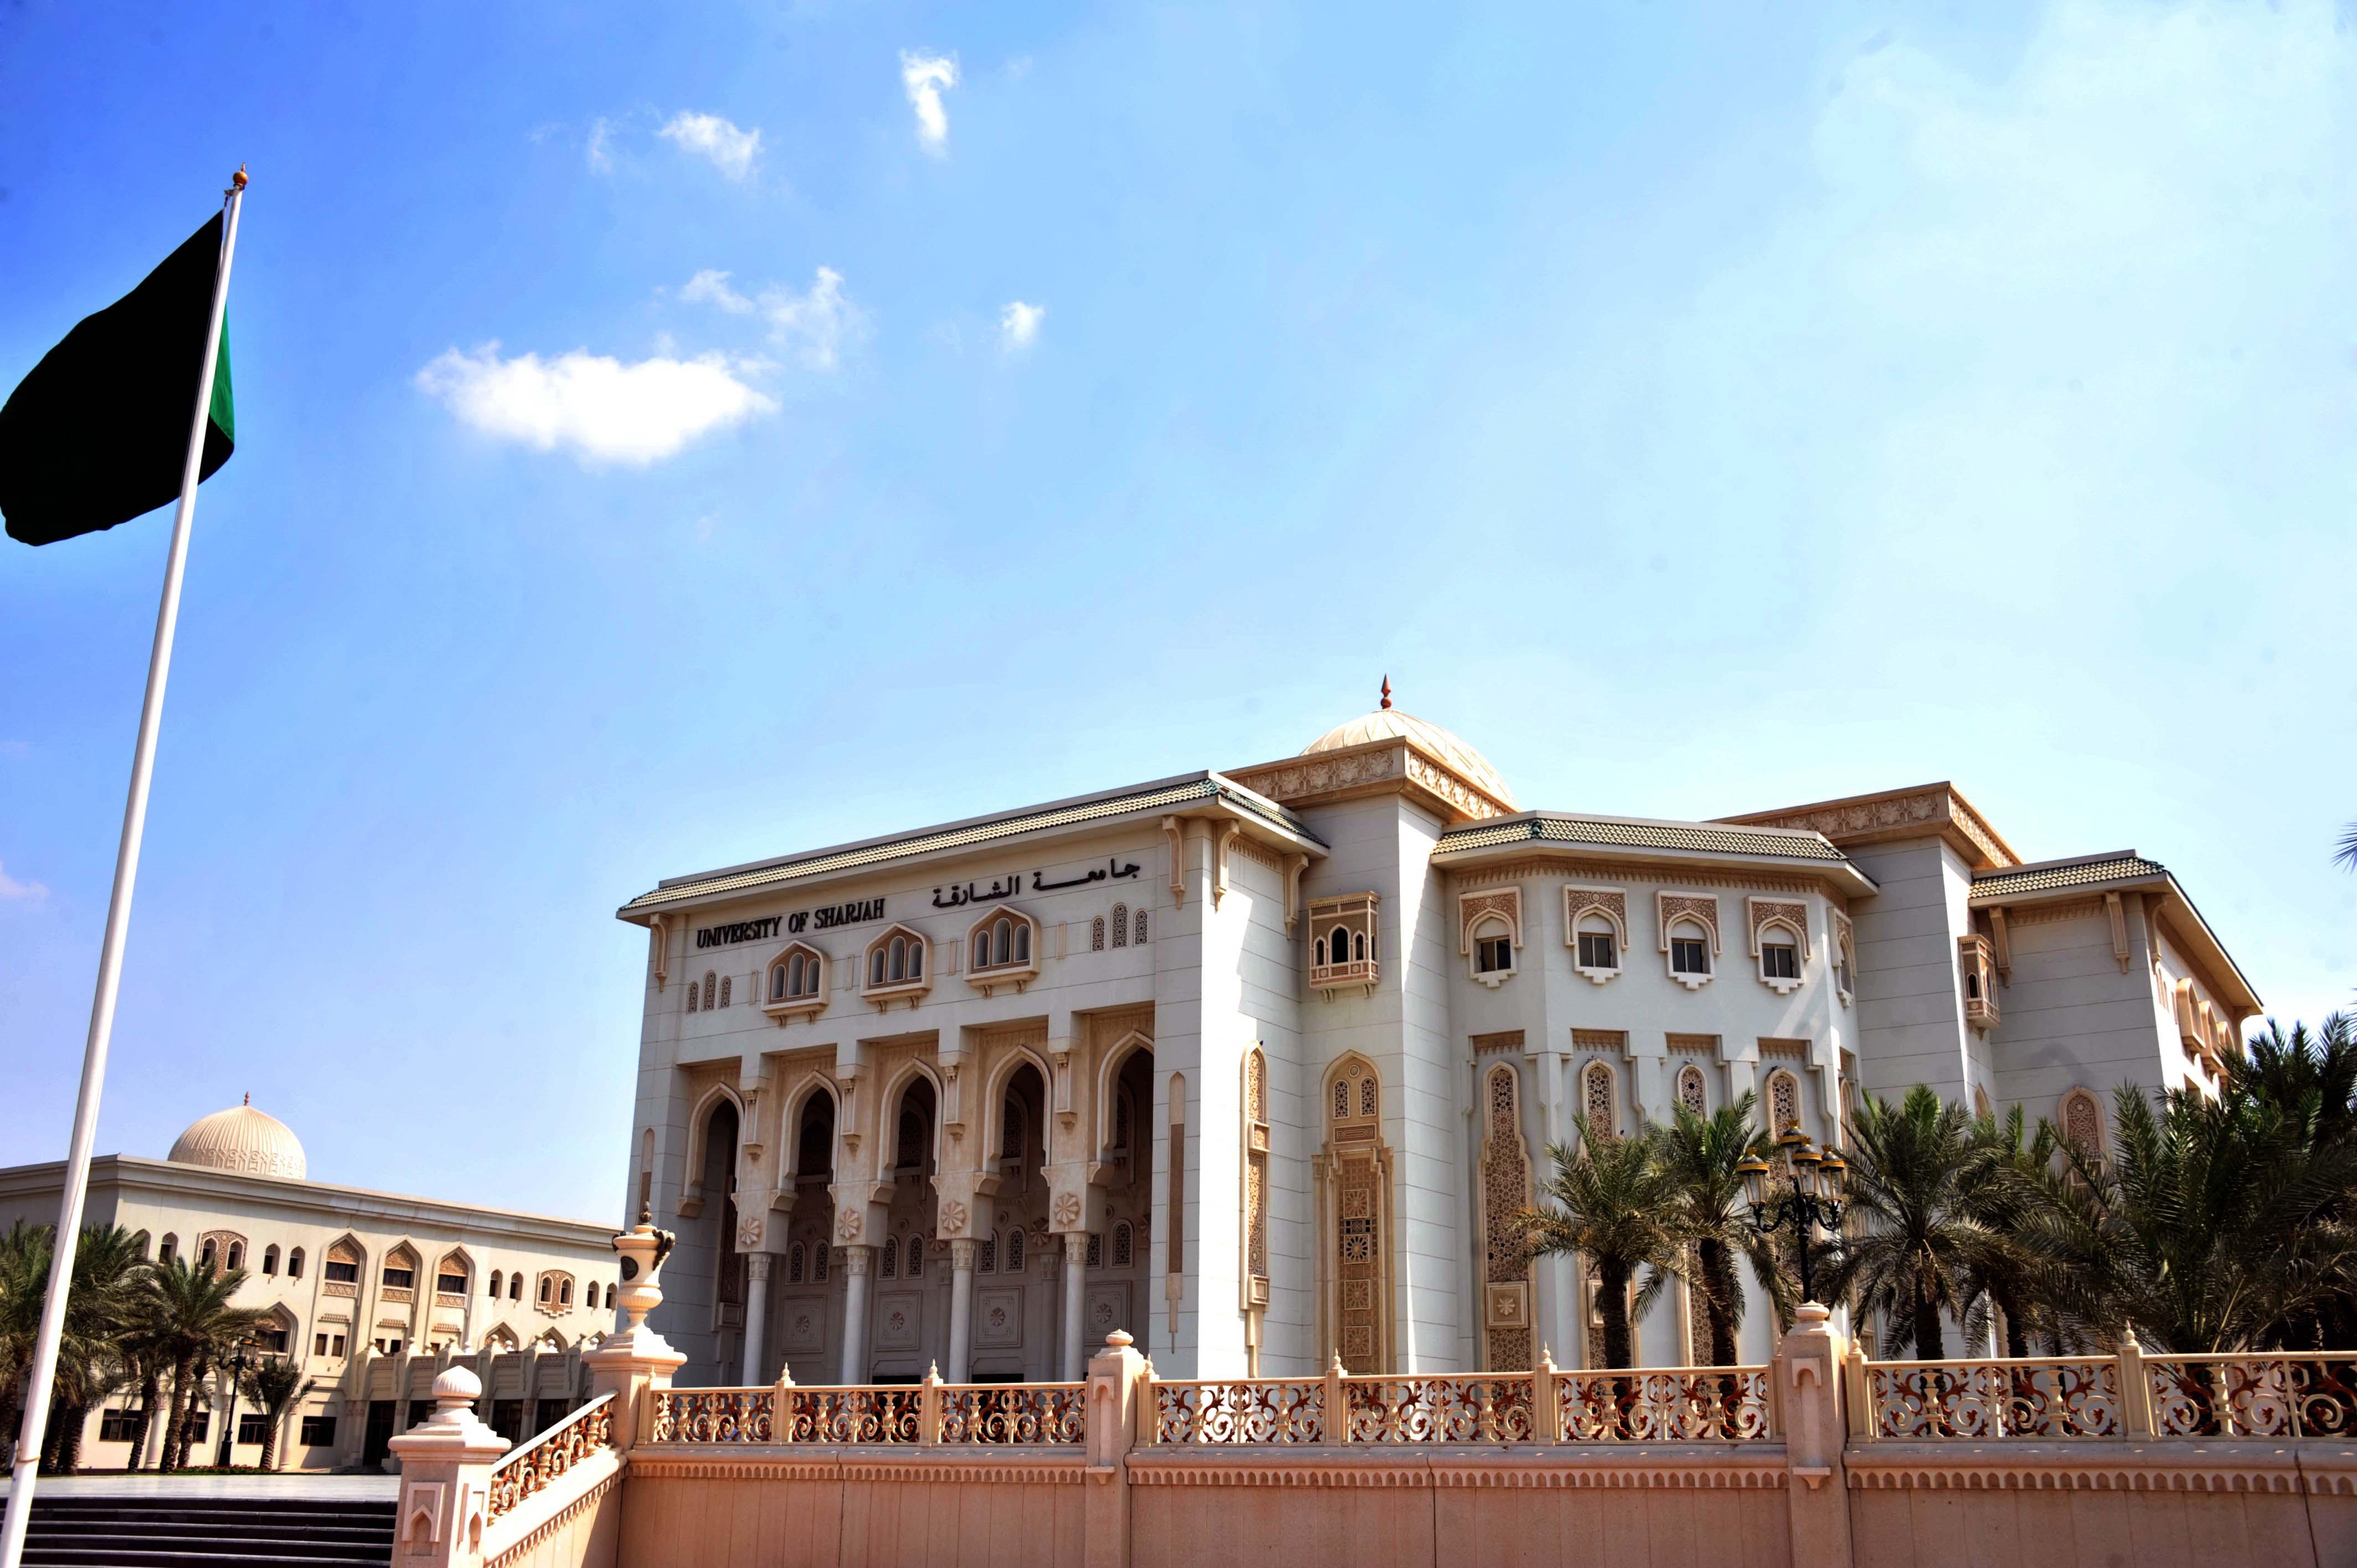 جامعة الشارقة الأولى على مستوى الدولة بالتصنيف العالمي للجامعات بمجال الاستدامة